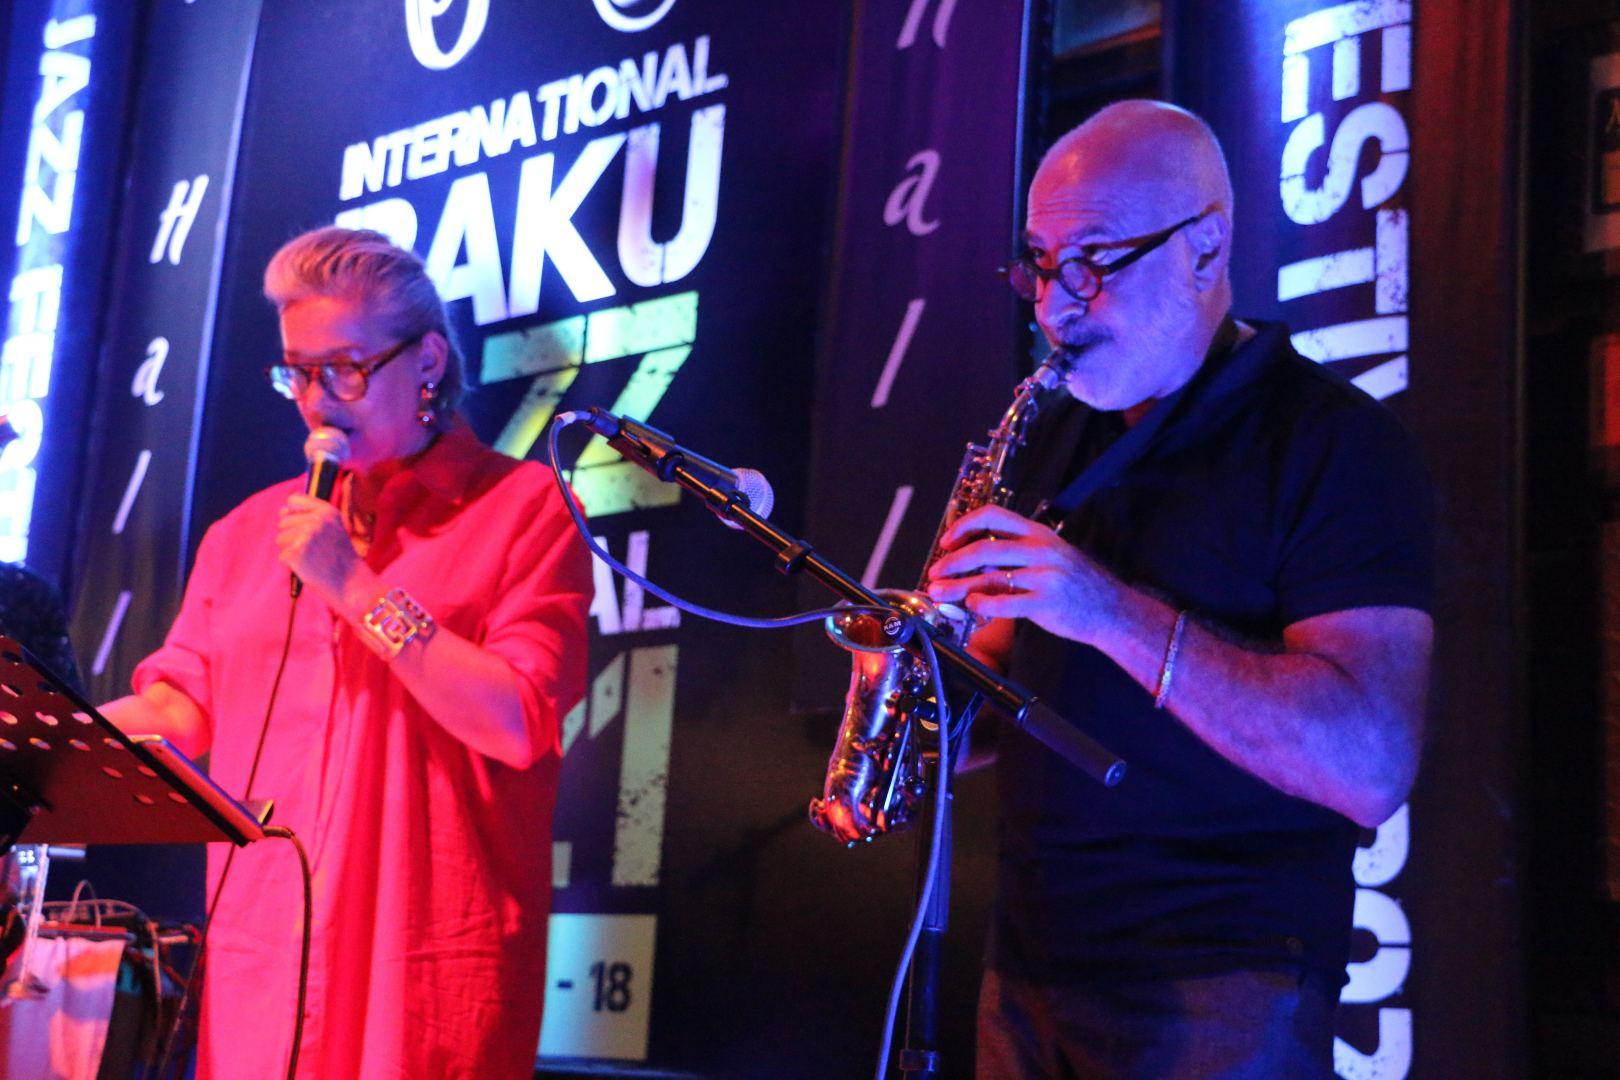 Одним вечером в Баку - противогаз, бабушка из Нидерландов и кафкианские сцены (ВИДЕО,ФОТО)